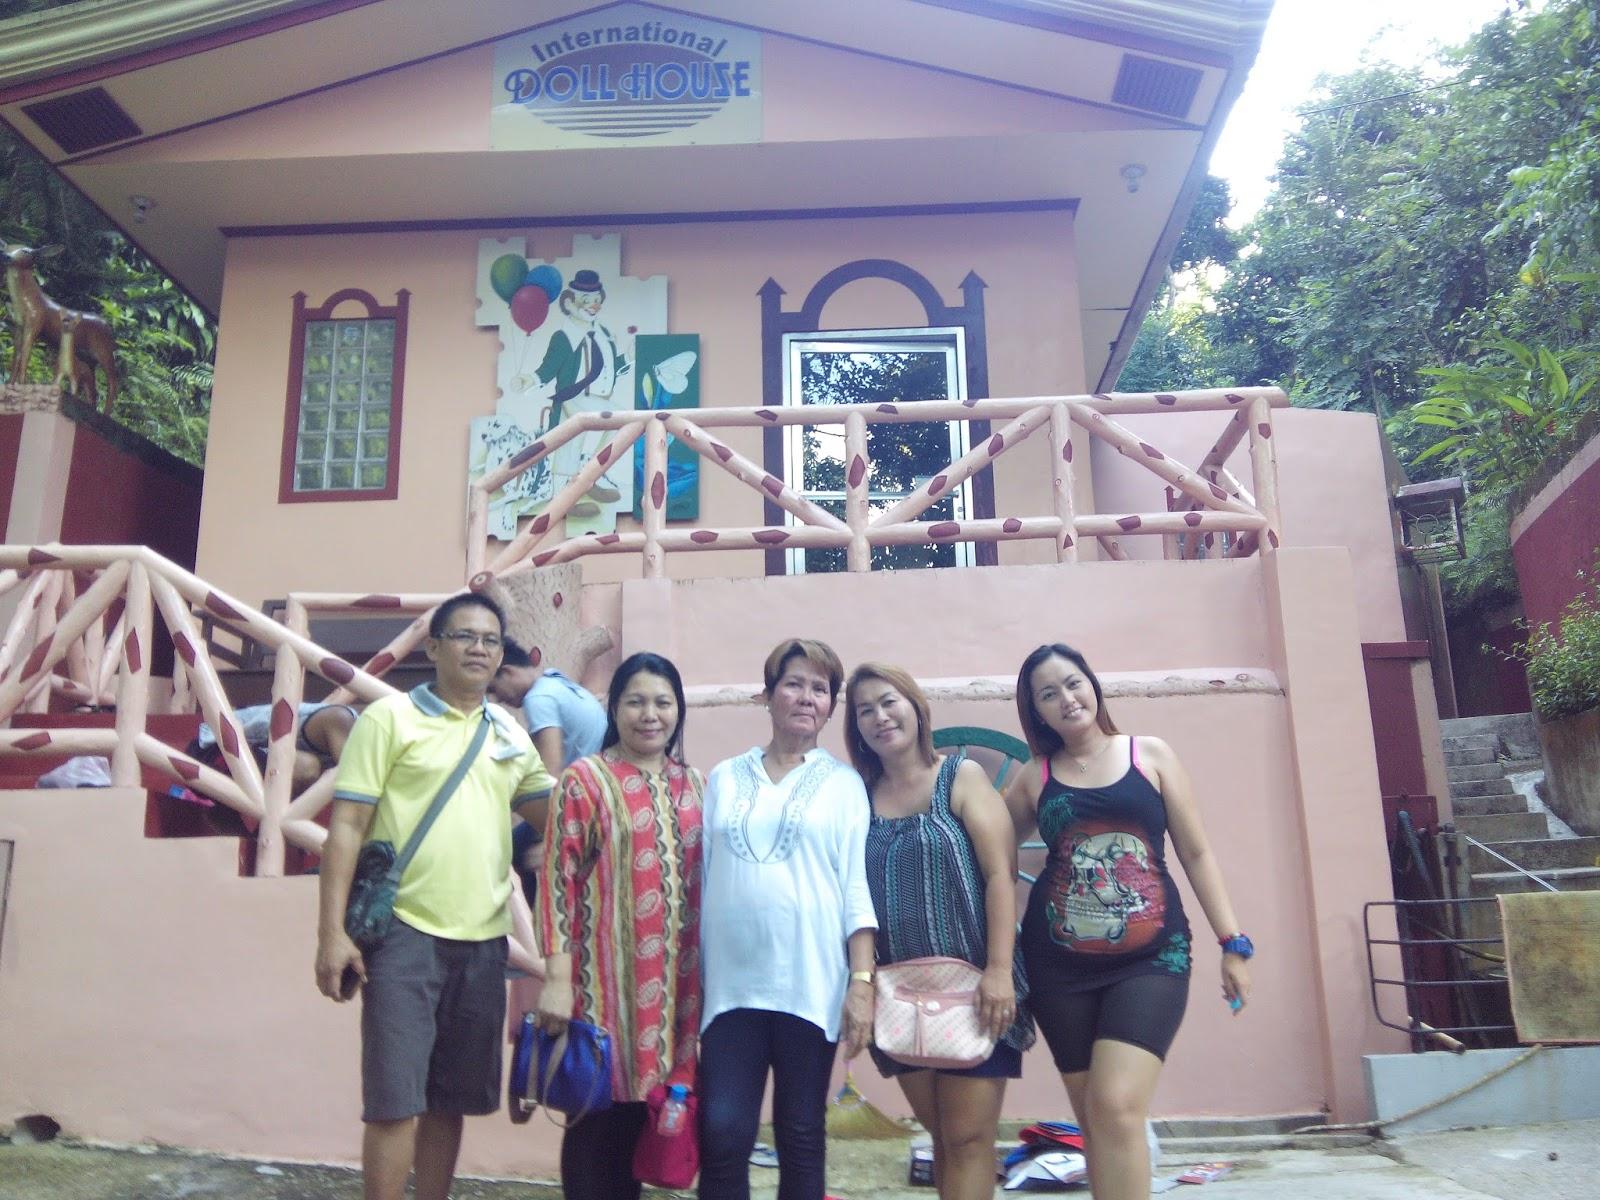 R E N D E Z V O U S International Doll House And Ocean View Park At